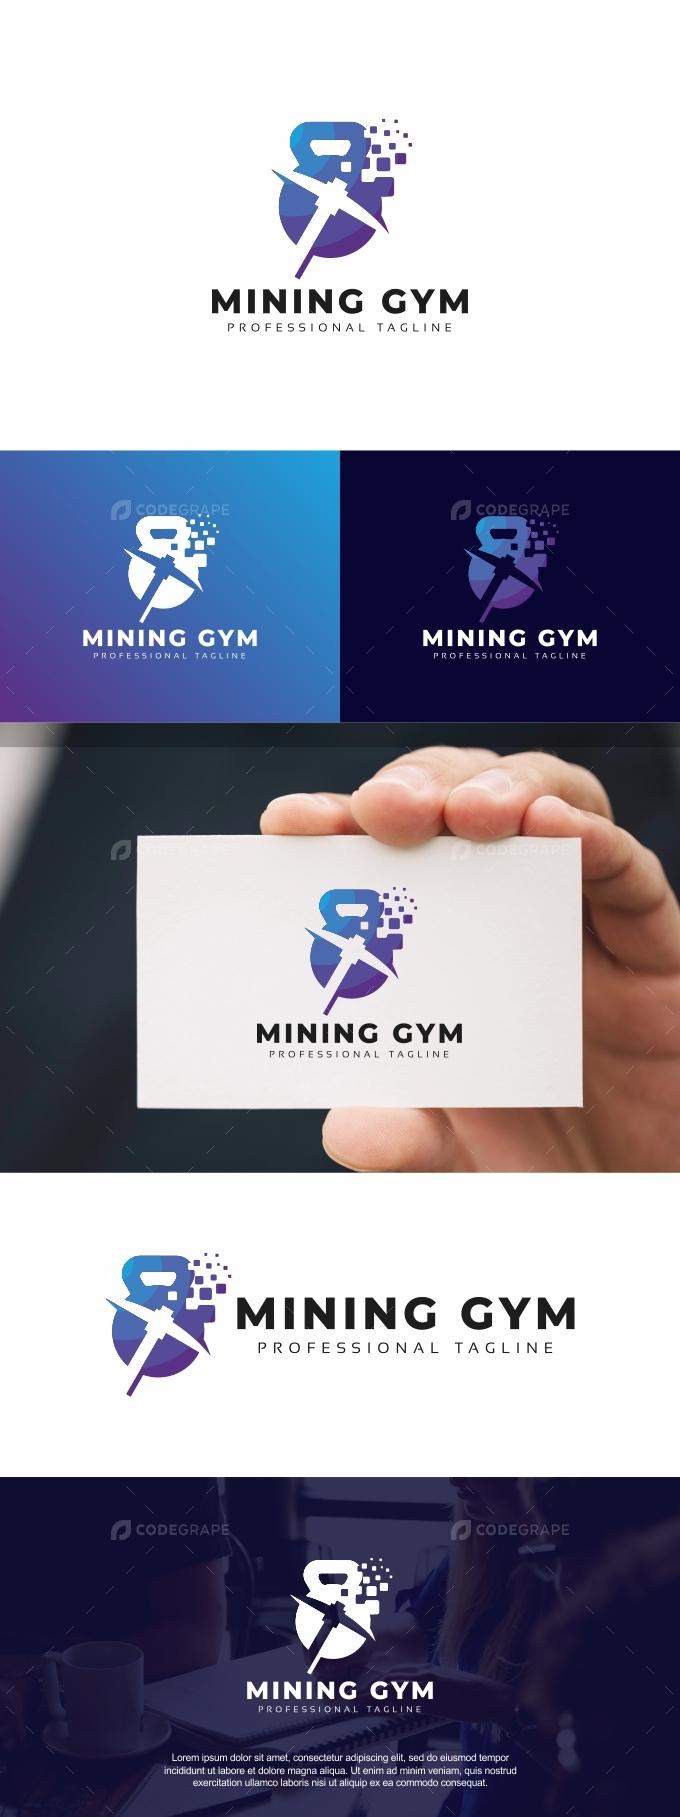 Mining Gym Logo